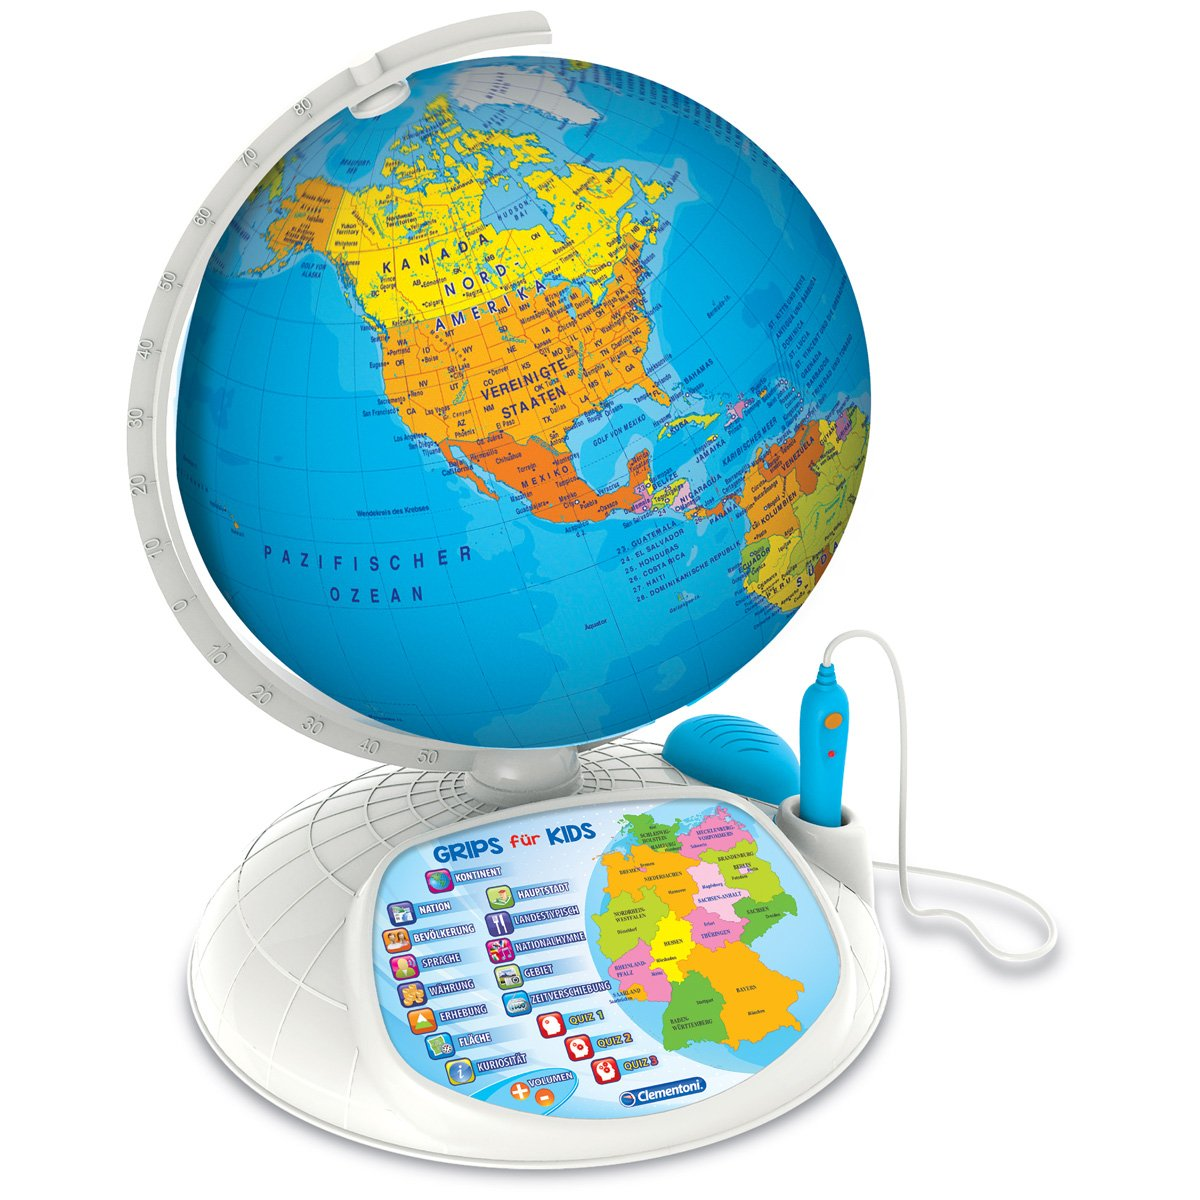 #0618 Interaktiver Entdecker Globus Weltkugel inklusive Stift und App-Funktion 32cm • Weltentdecker Kinder Spiel Interaktiv Spielglobus H-Collection